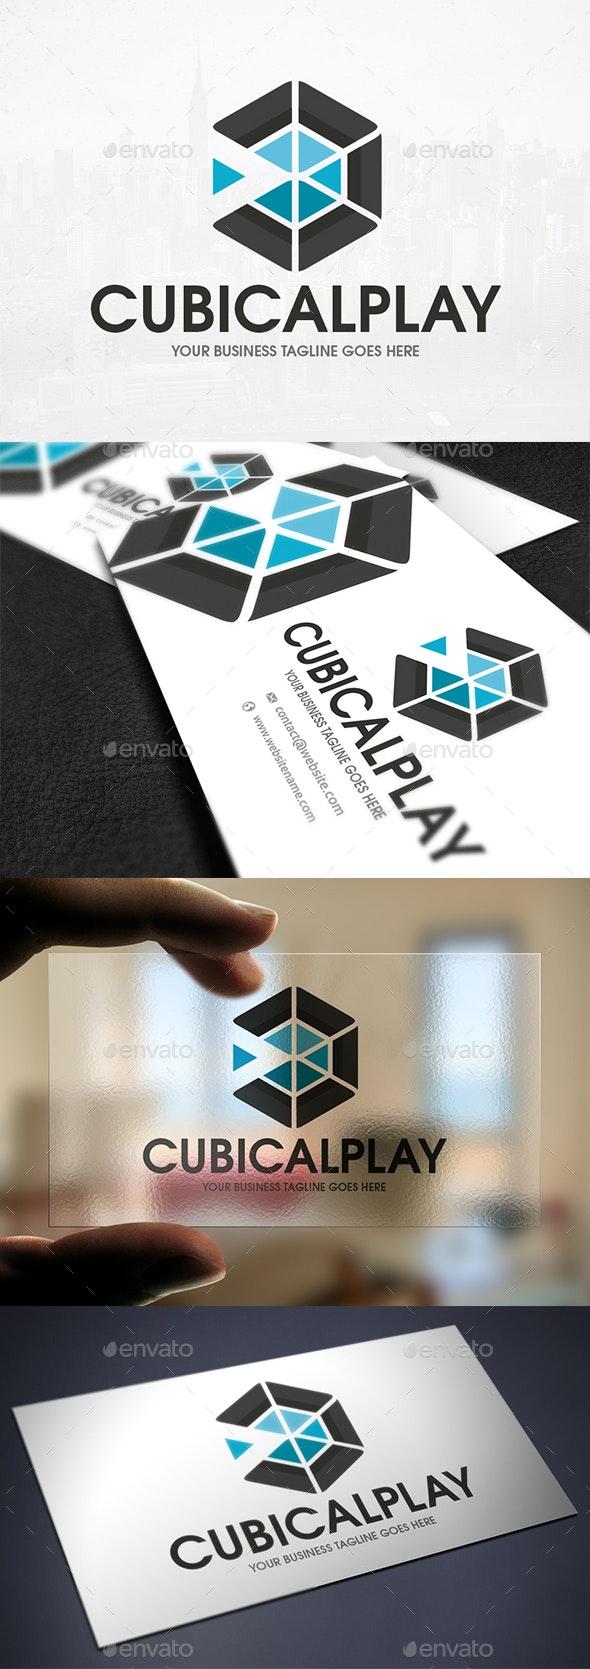 Hexa Player Logo Template - Vector Abstract